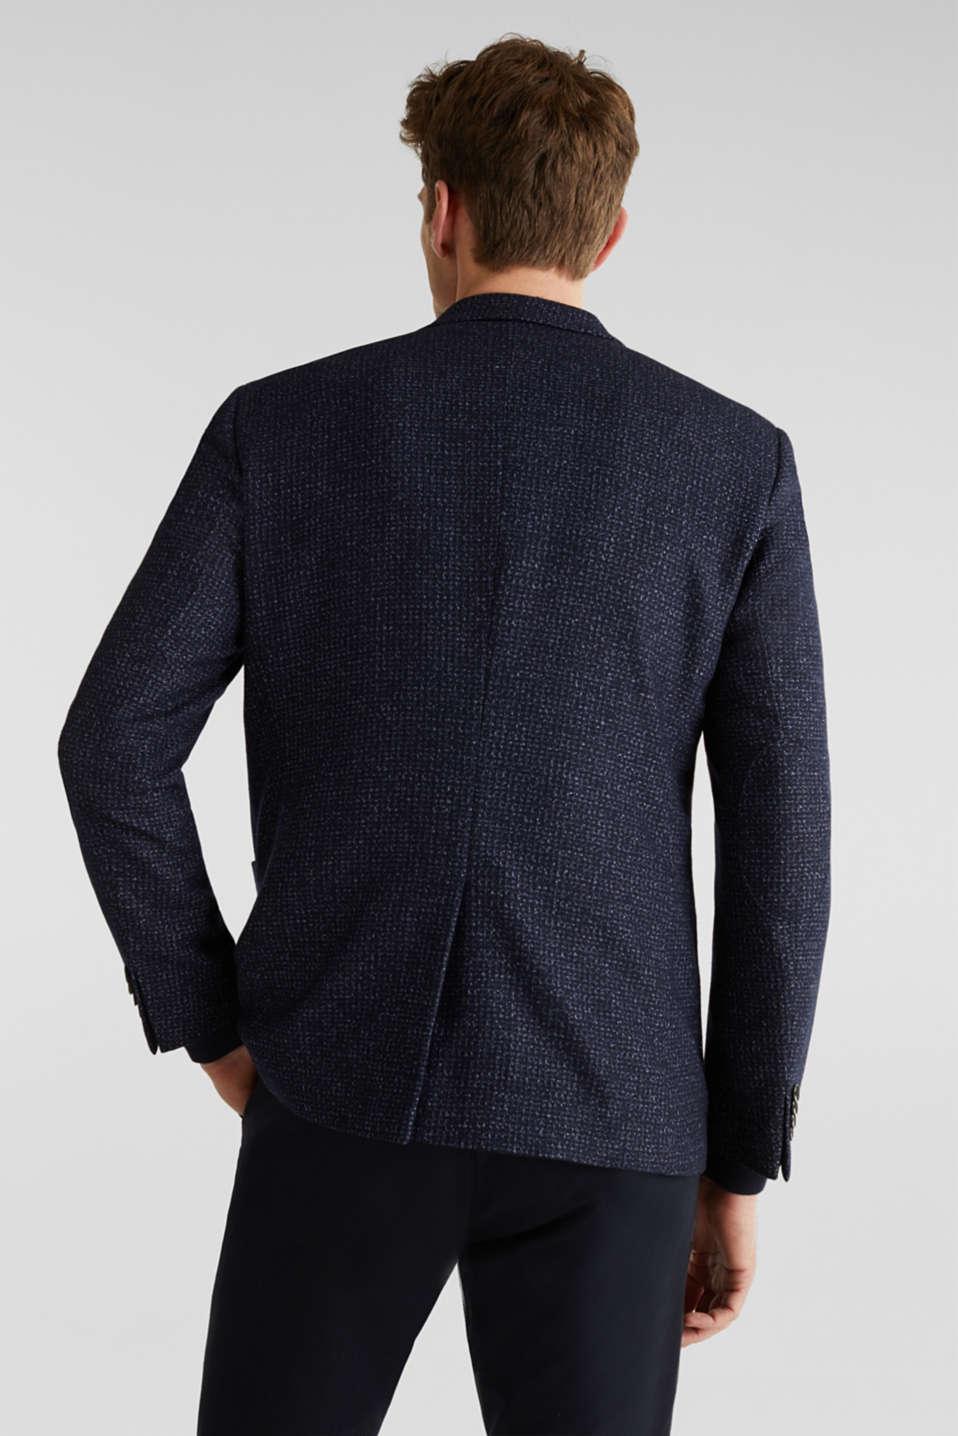 Blended wool: melange jacket, DARK BLUE 5, detail image number 3